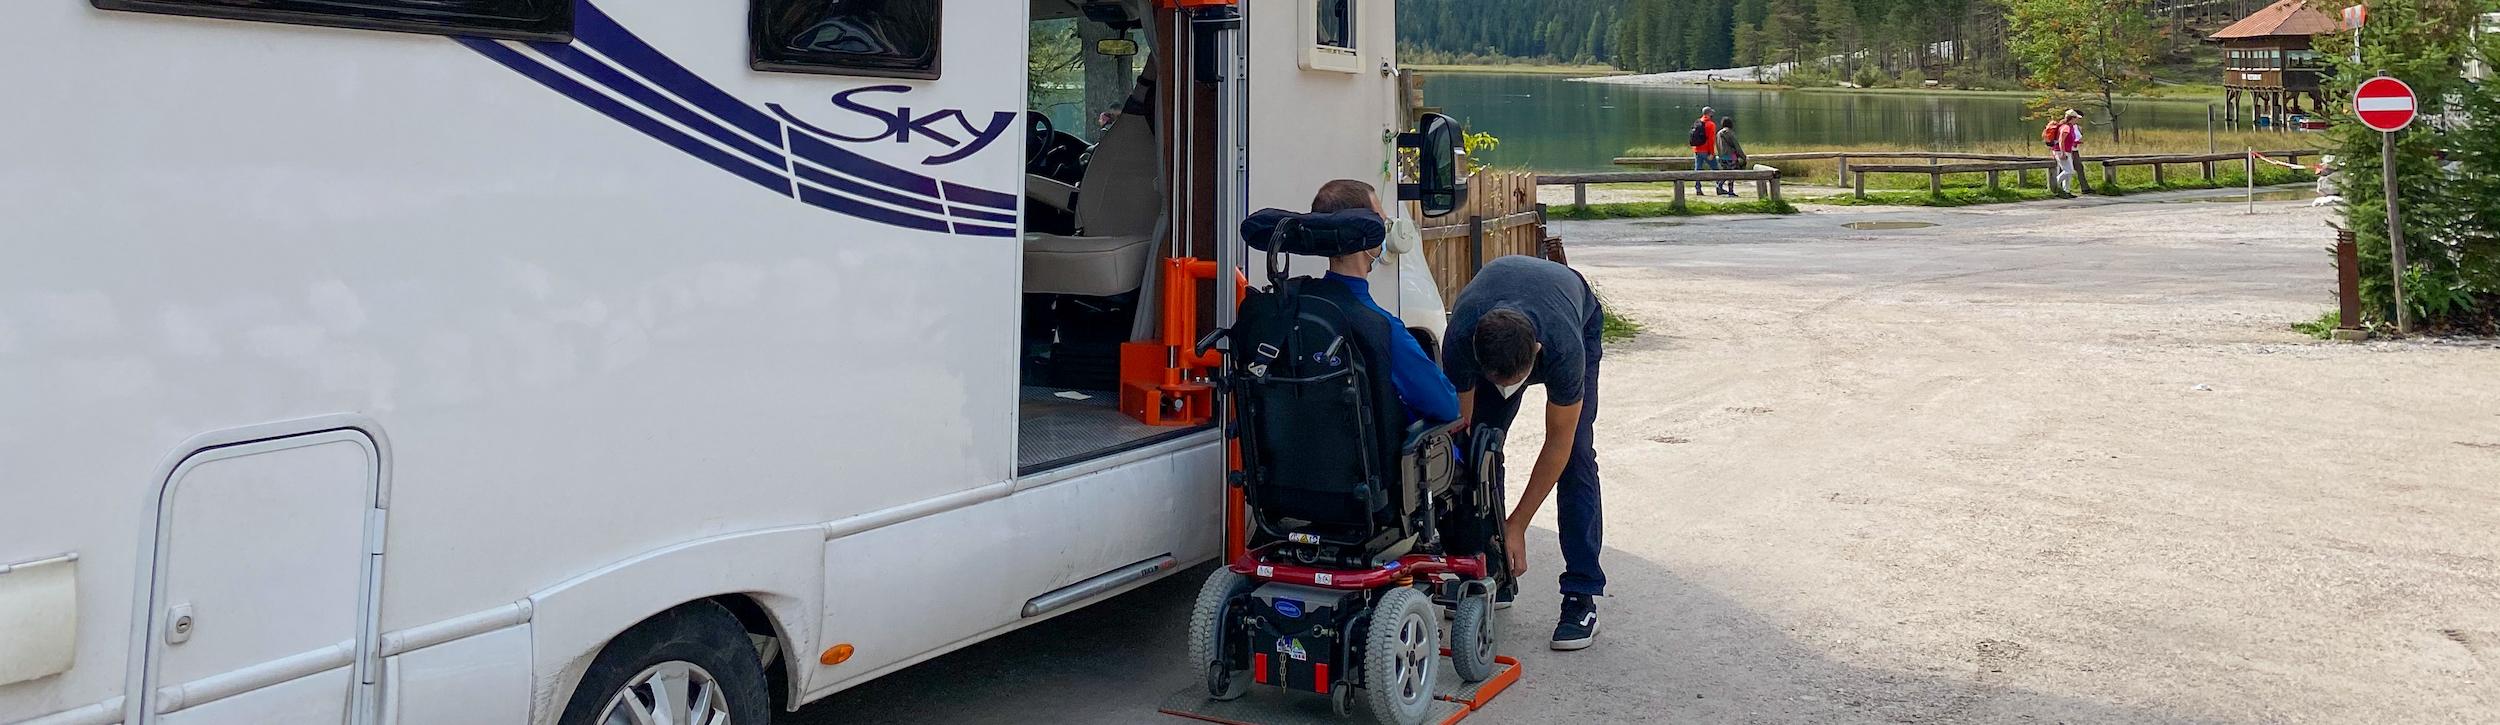 Viaje en autocaravana adaptada para personas con discapacidad en silla de ruedas